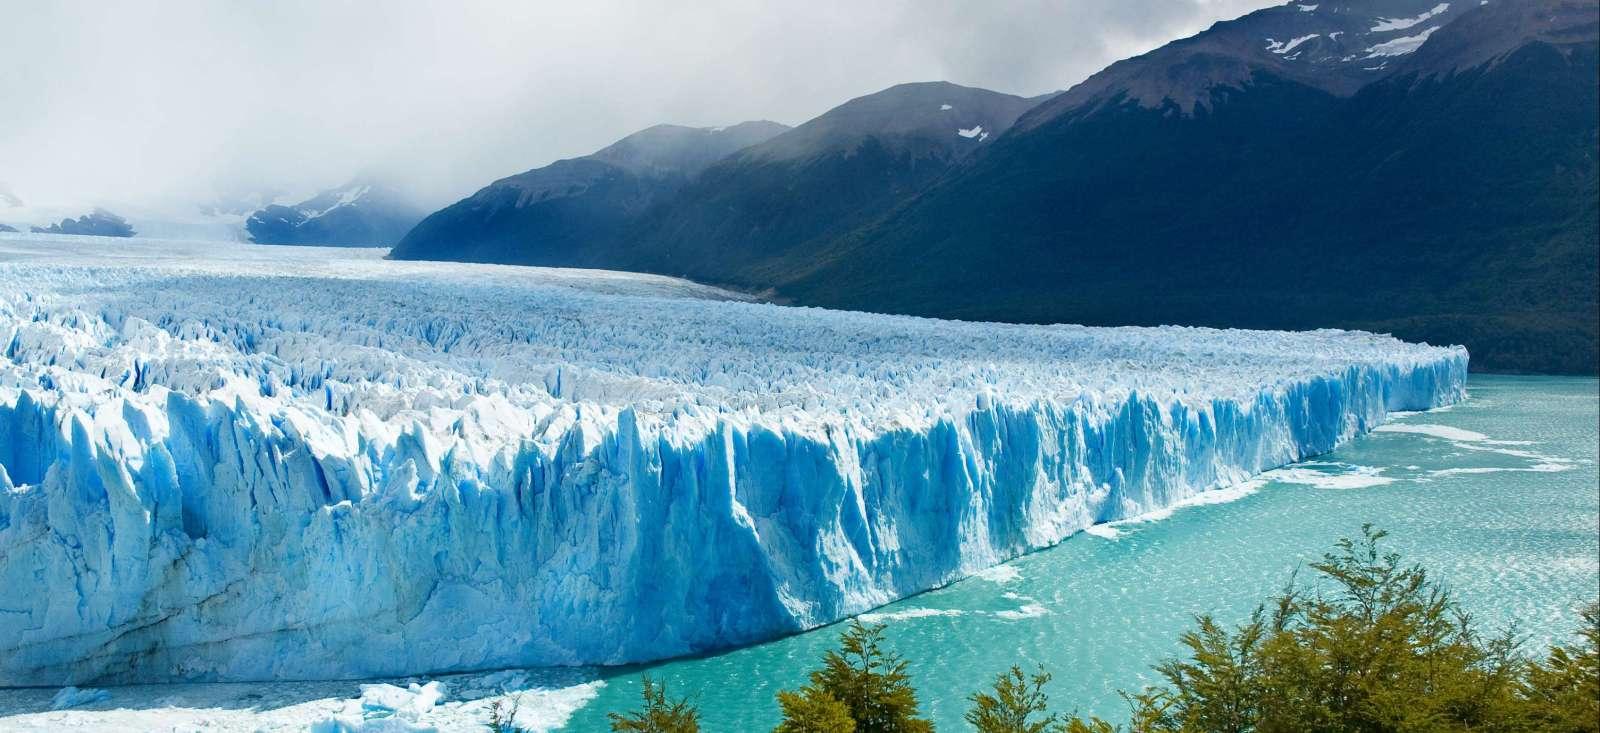 Voyage à pied : Terre de Feu, Patagonie & Valparaiso